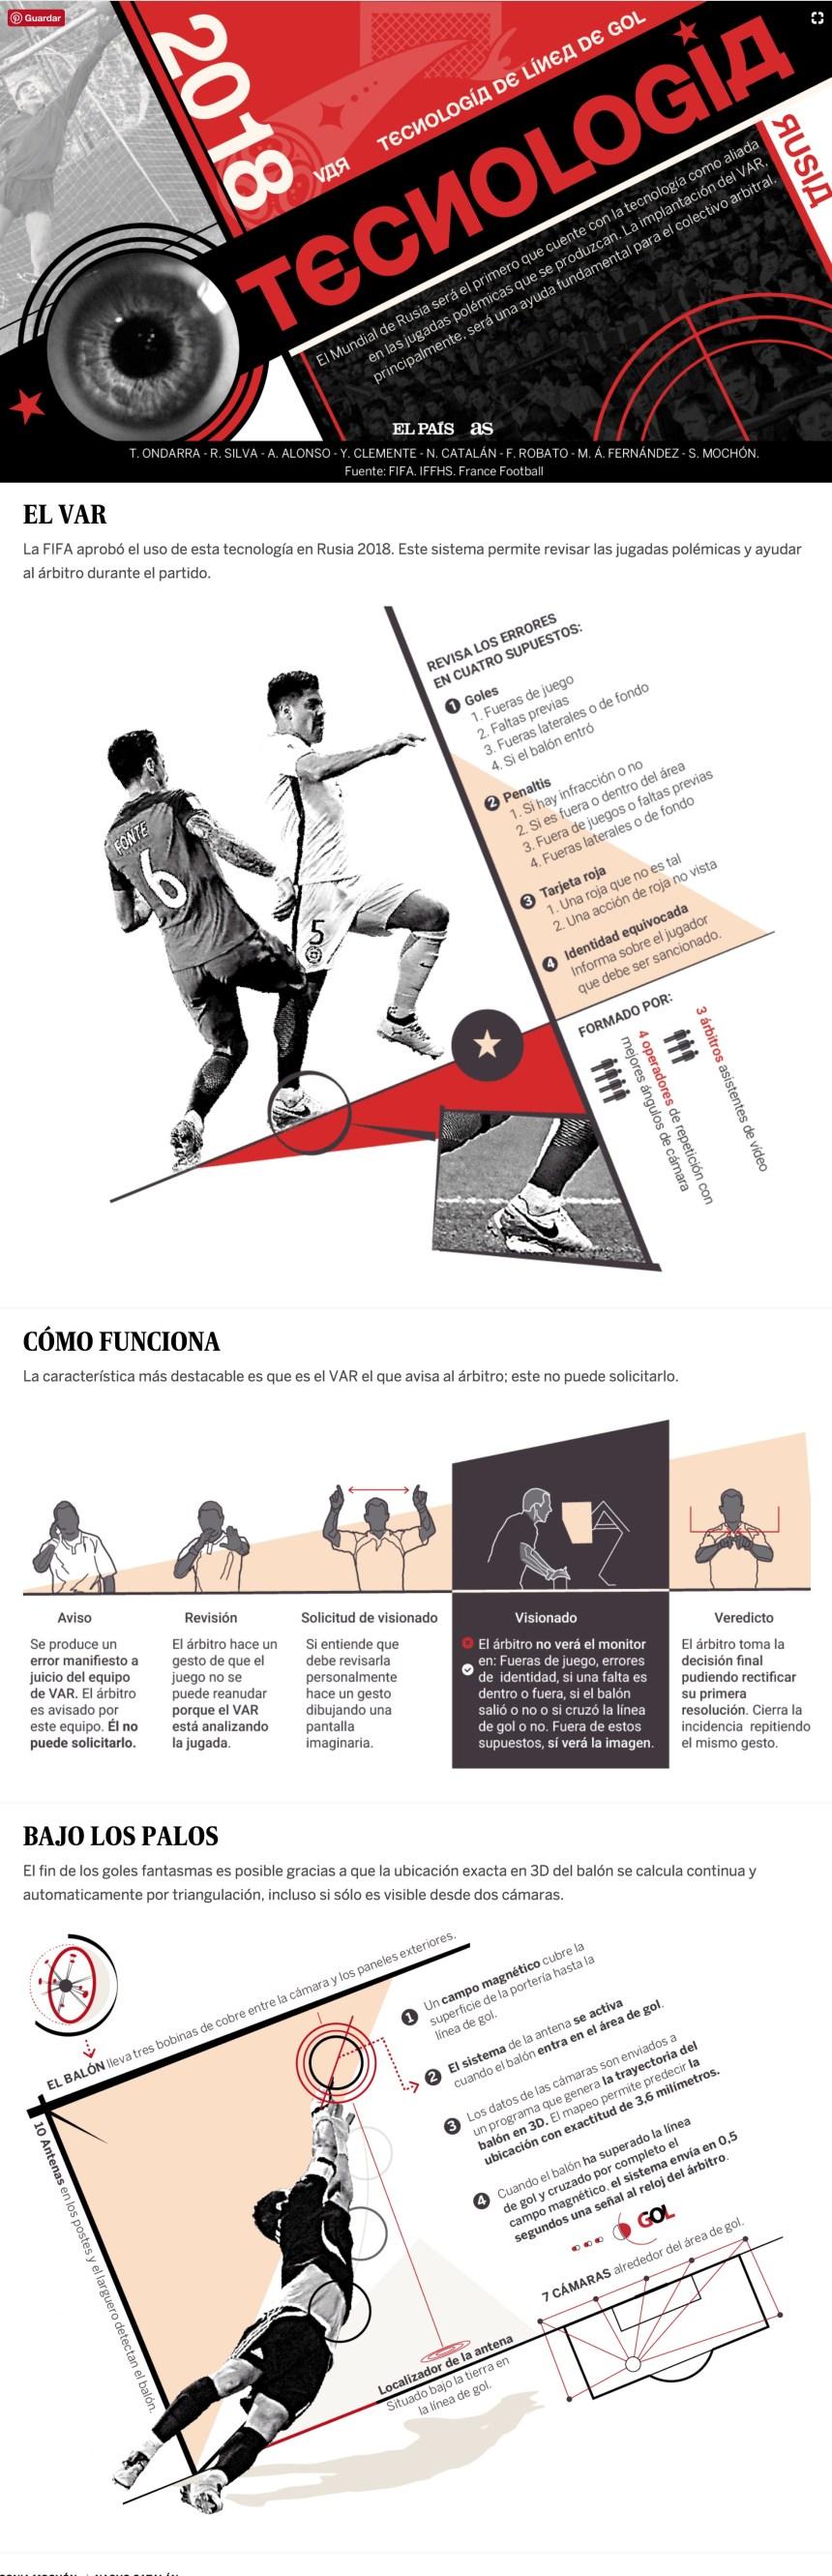 Tecnología en el Mundial de Fútbol de Rusia